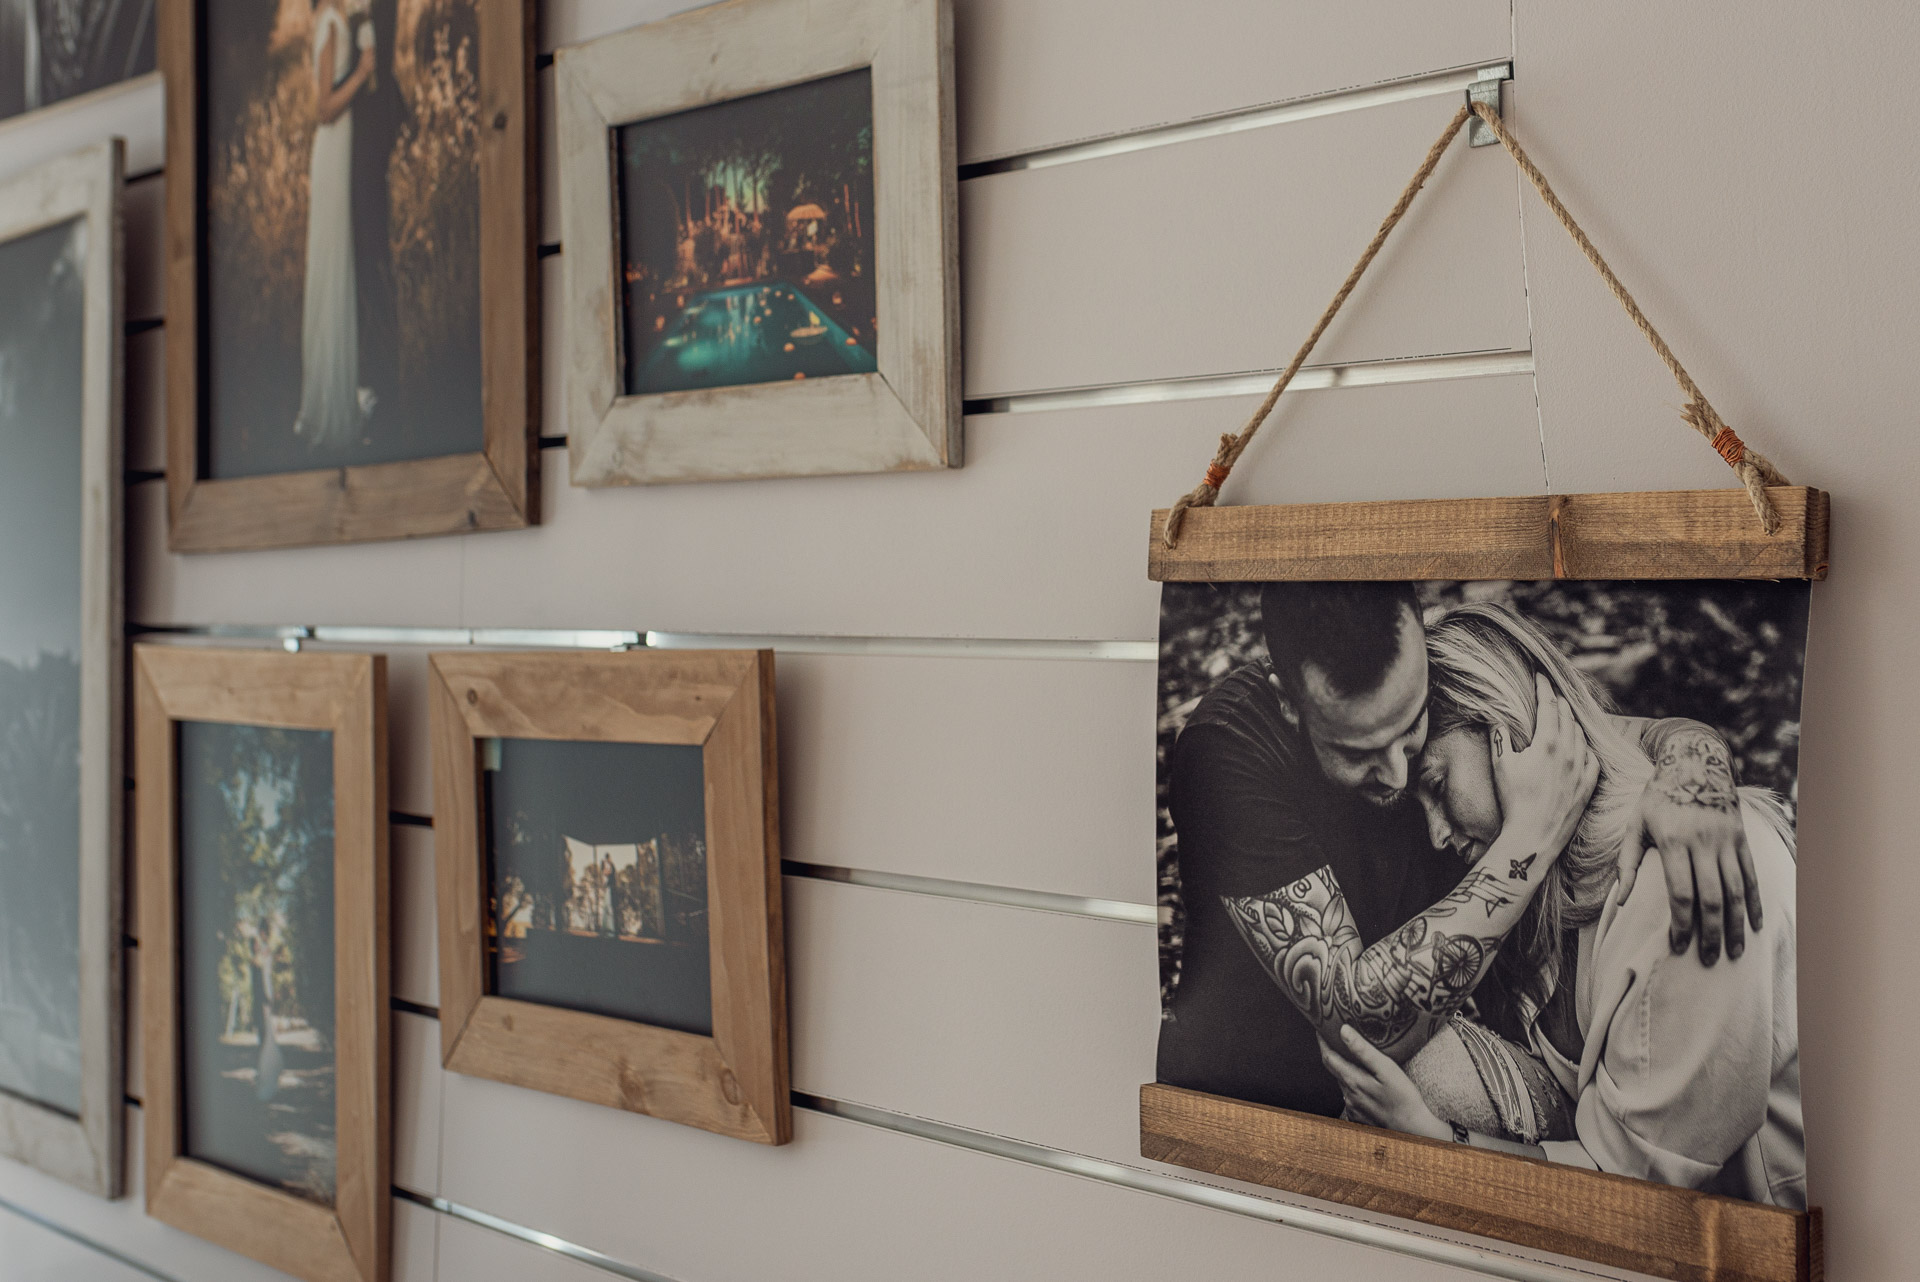 estudio oficina hnfotografo calle boteros6-16